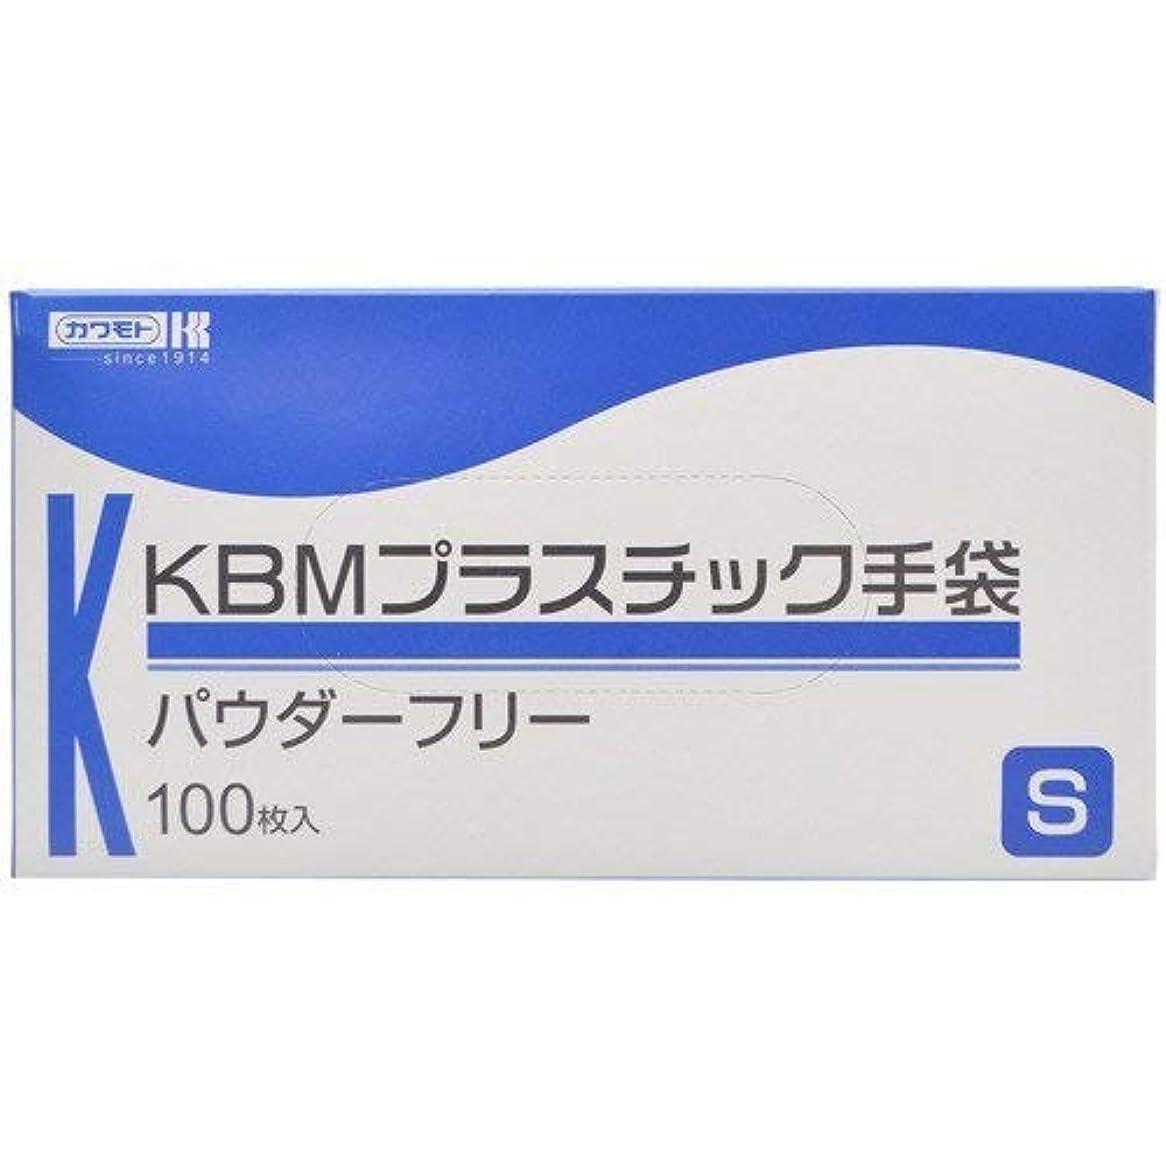 不明瞭不明瞭把握川本産業 KBMプラスチック手袋 パウダーフリー S 100枚入 ×4個